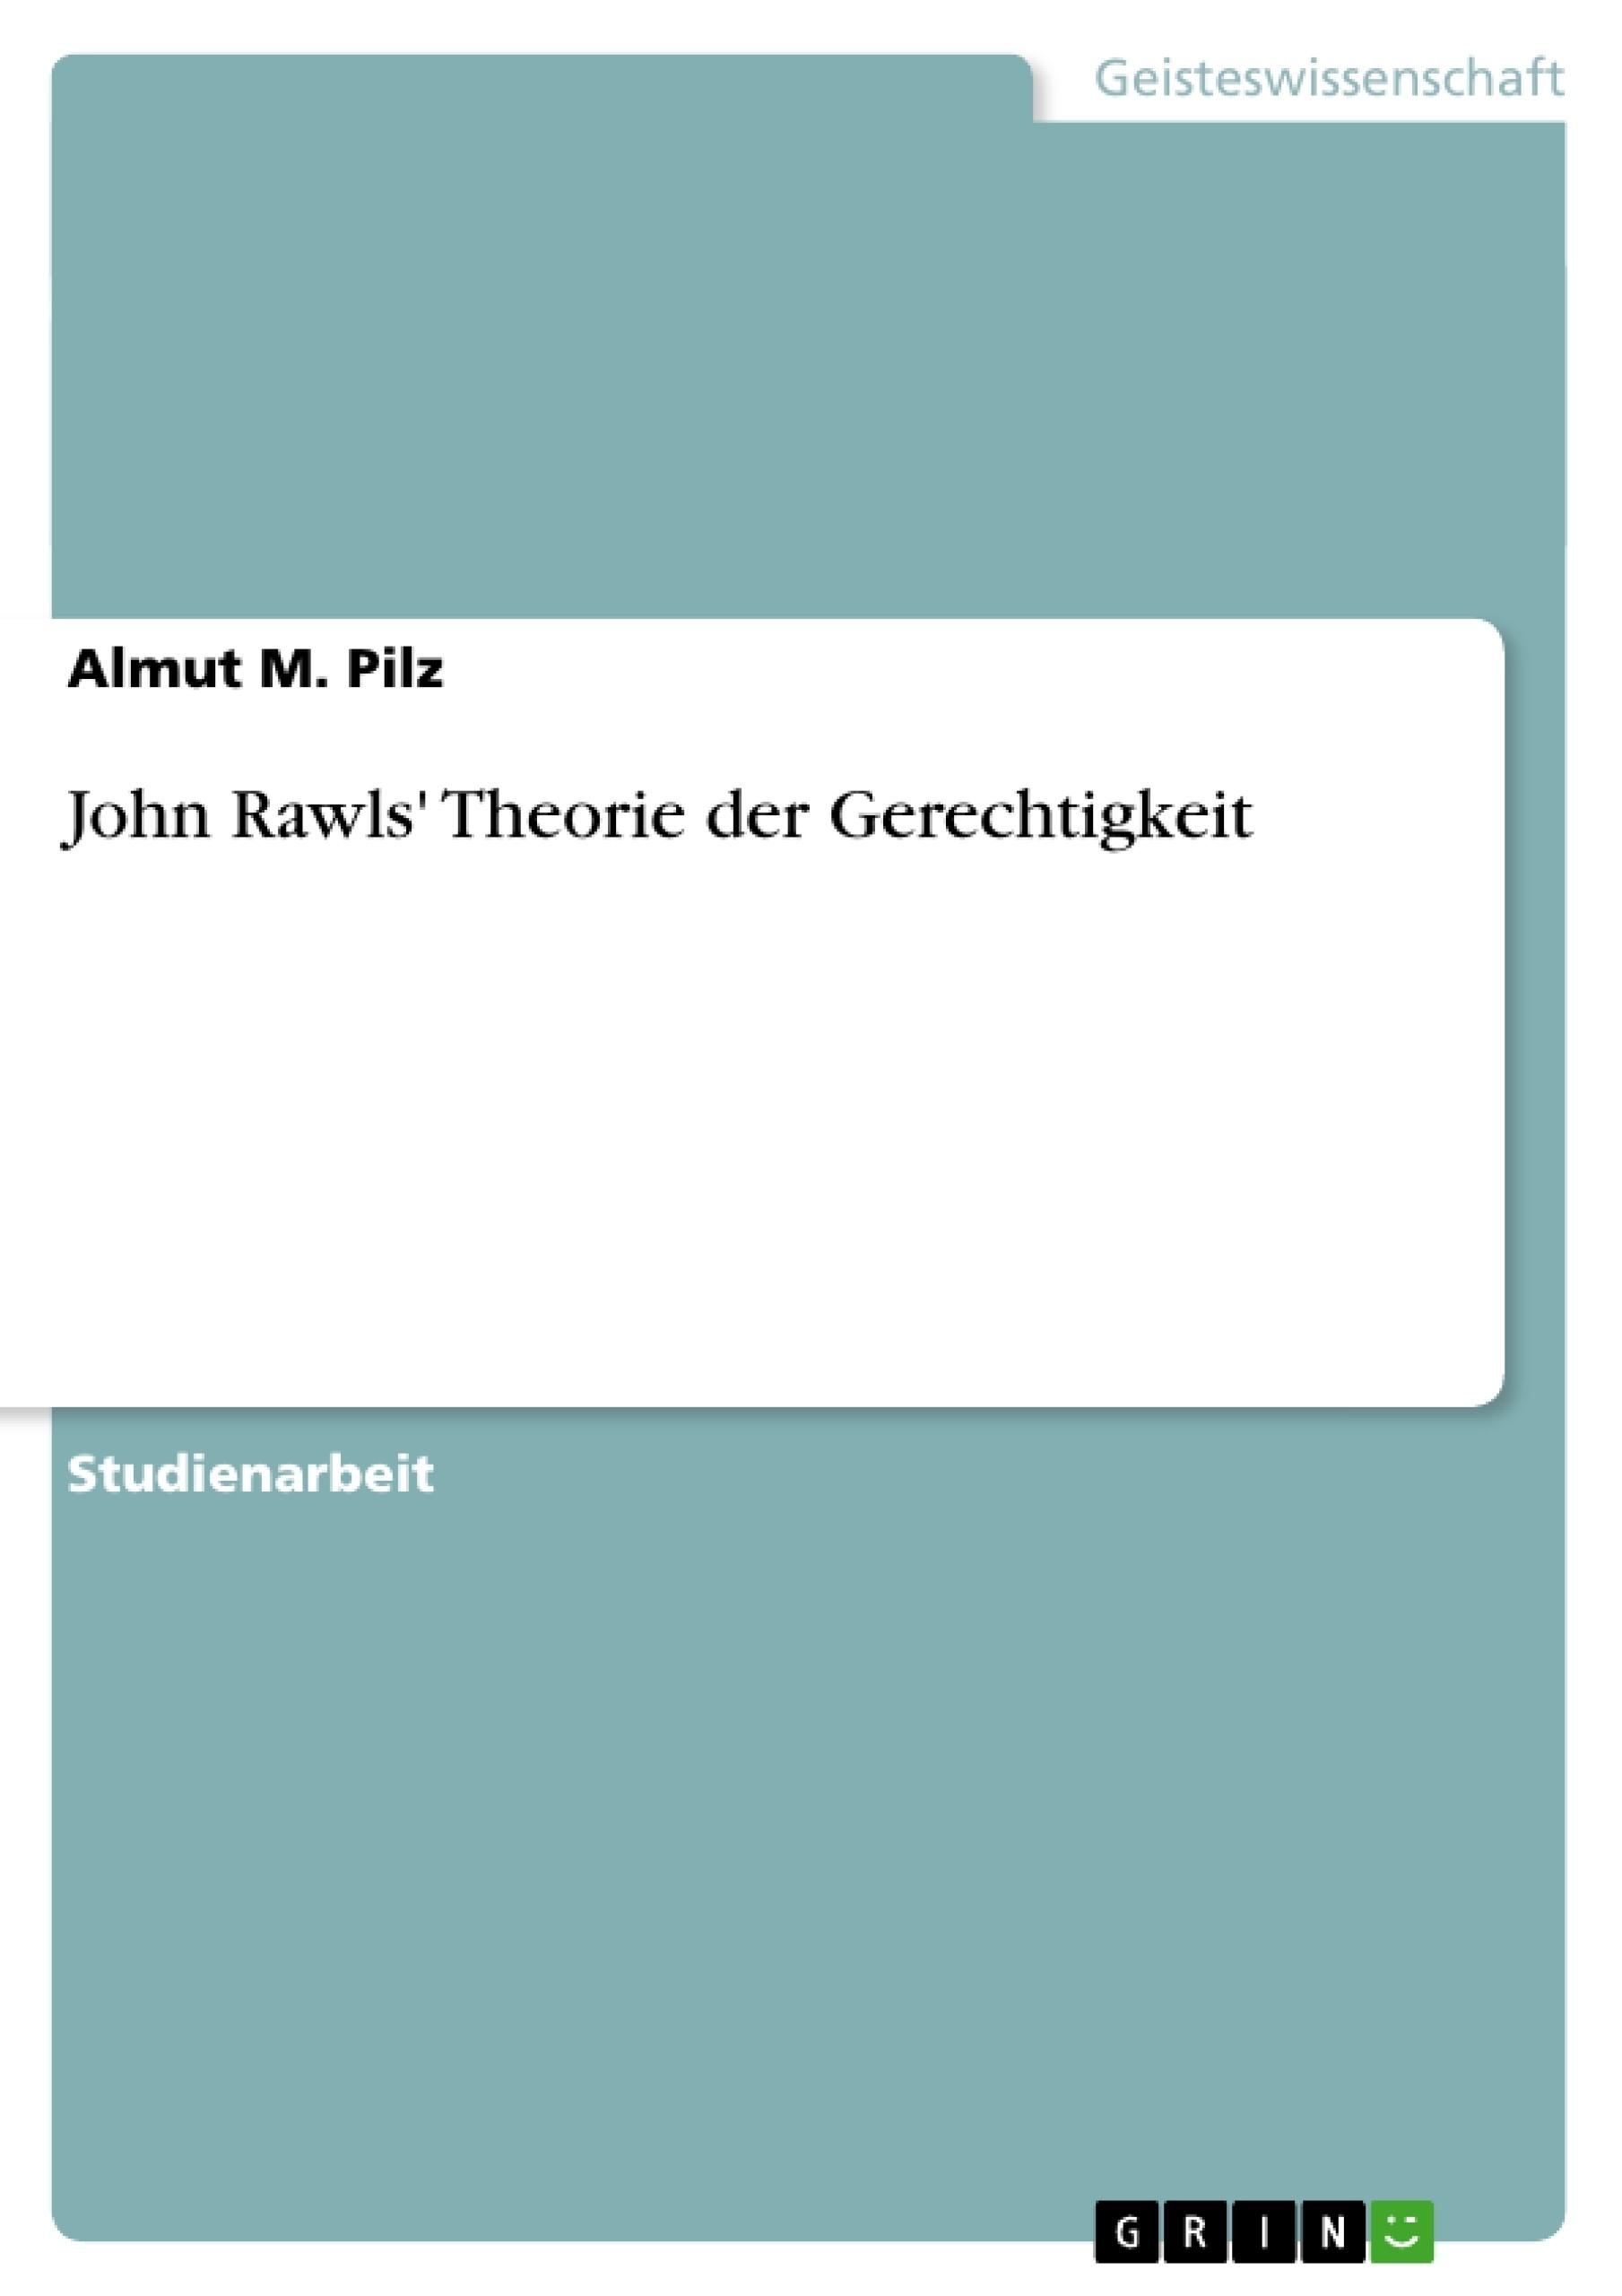 Titel: John Rawls' Theorie der Gerechtigkeit